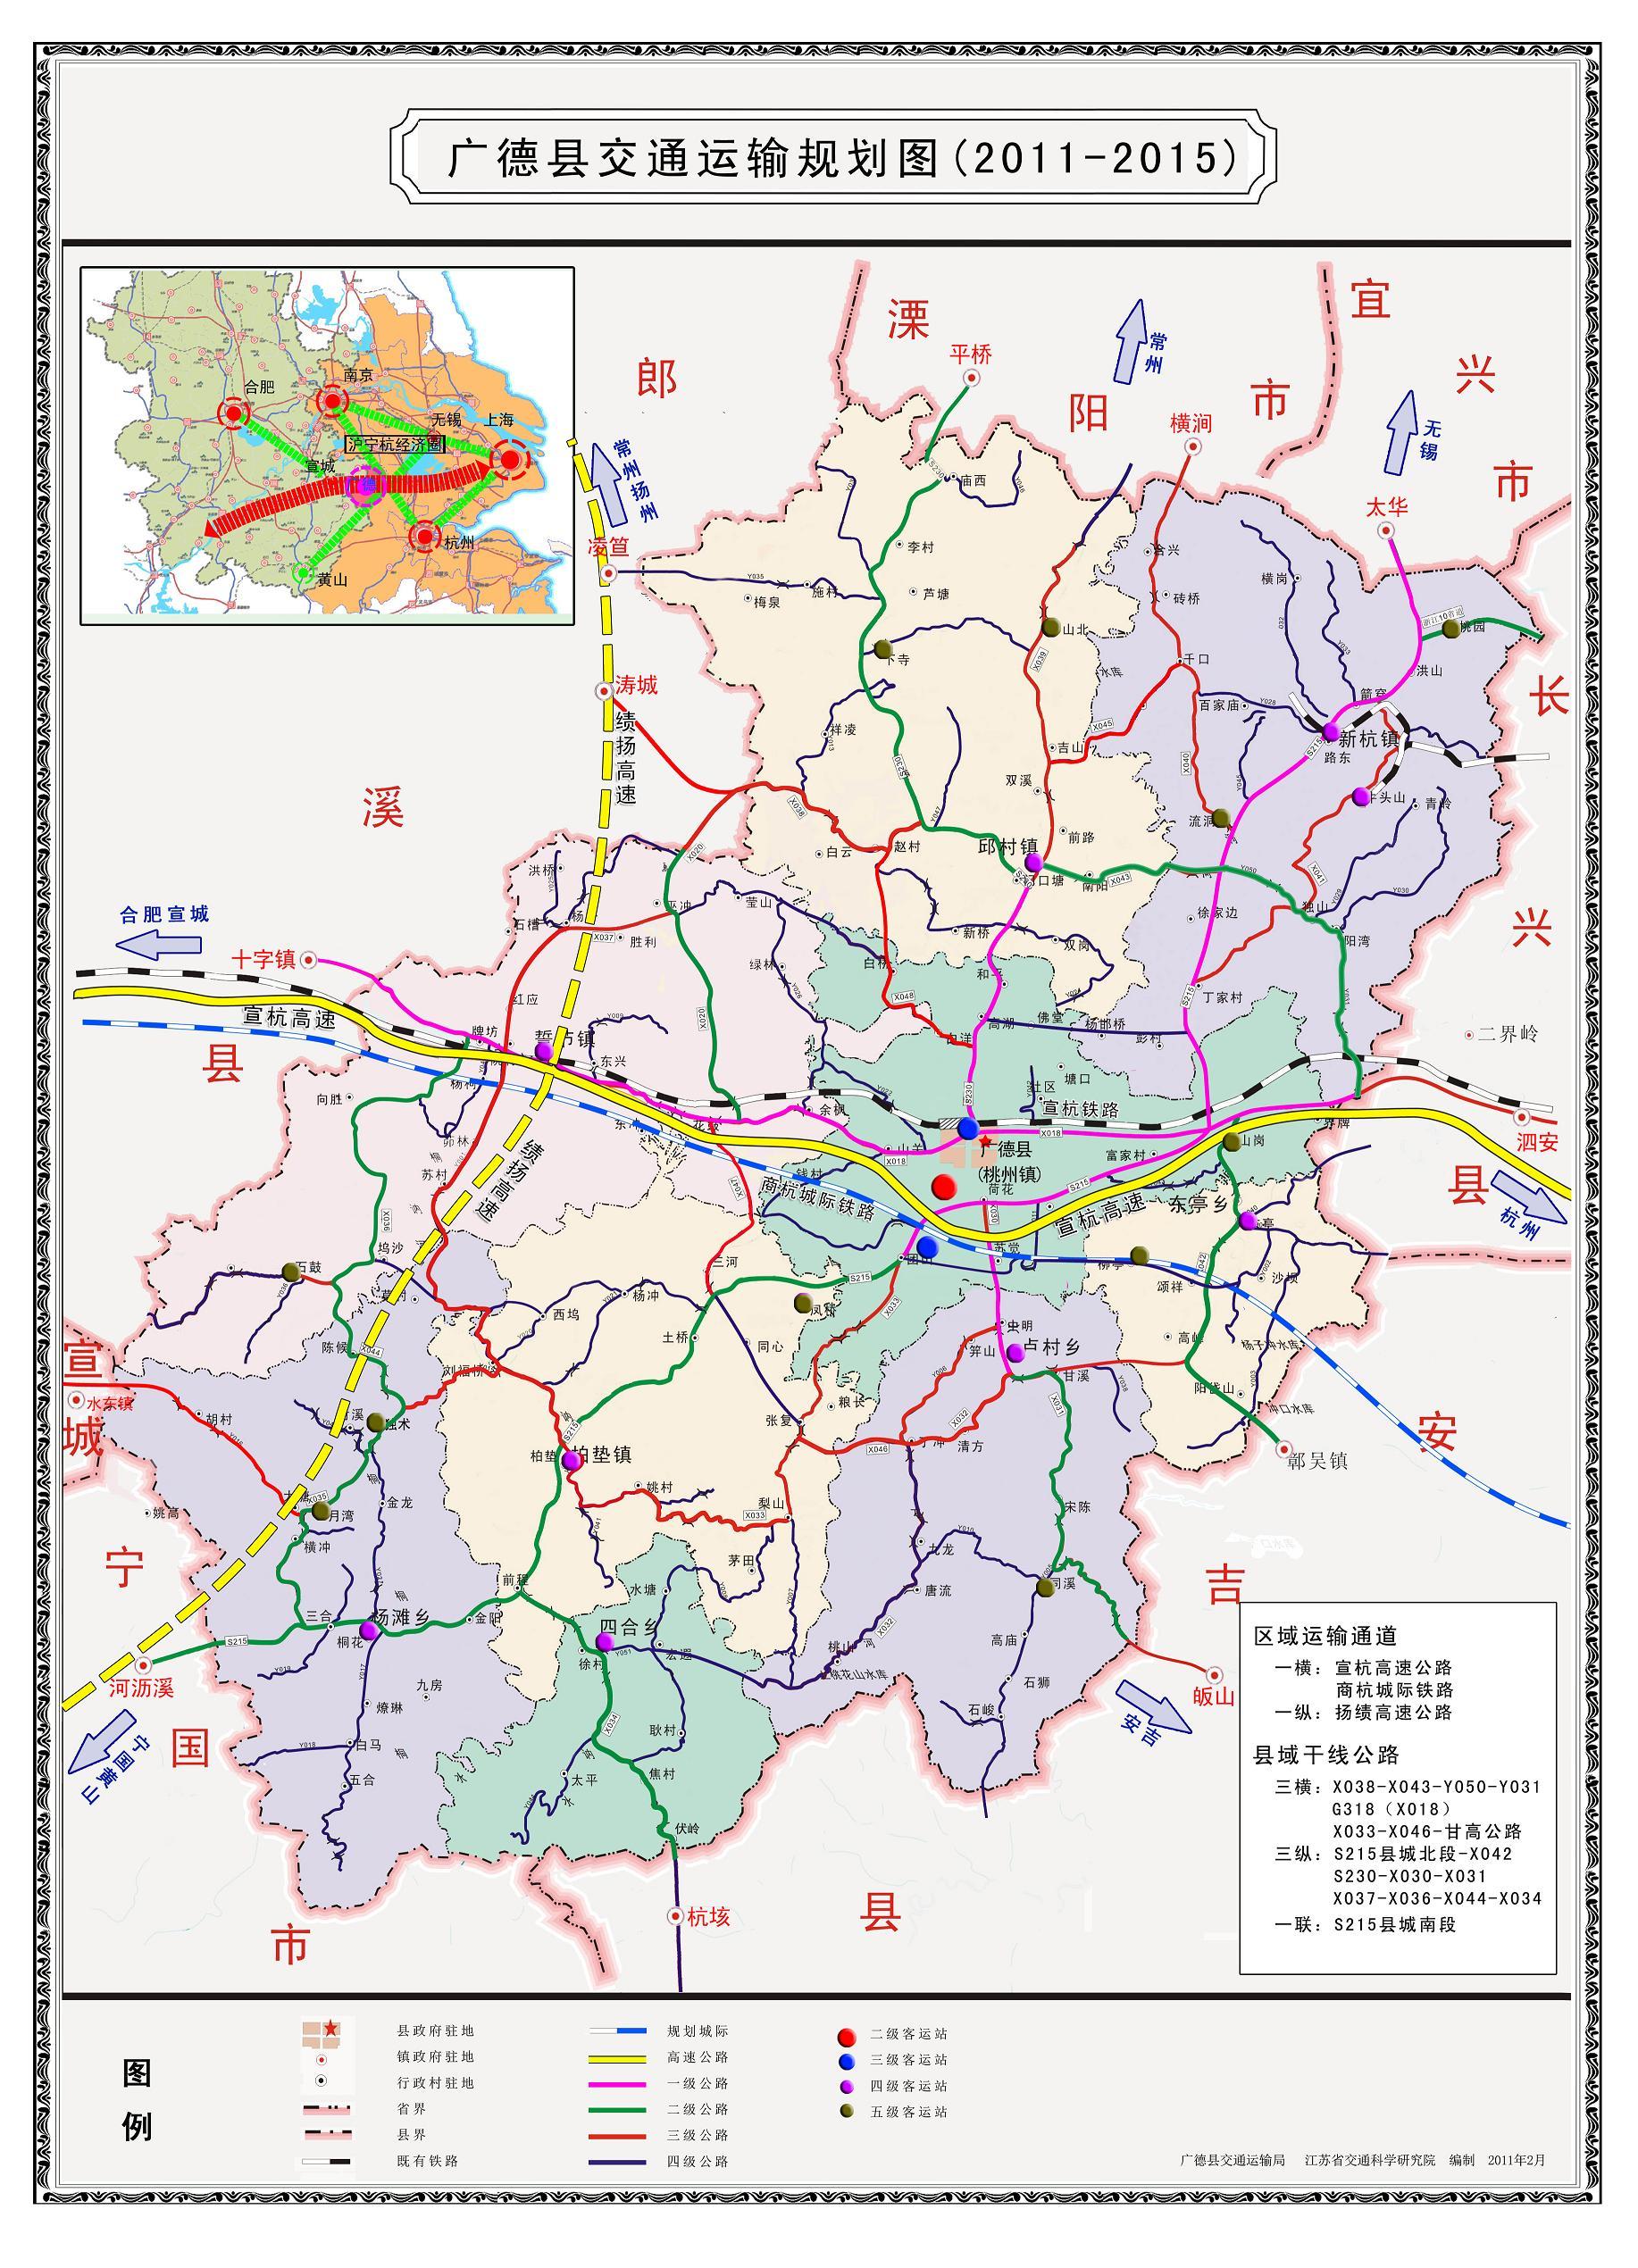 地图 1834_2540 竖版 竖屏